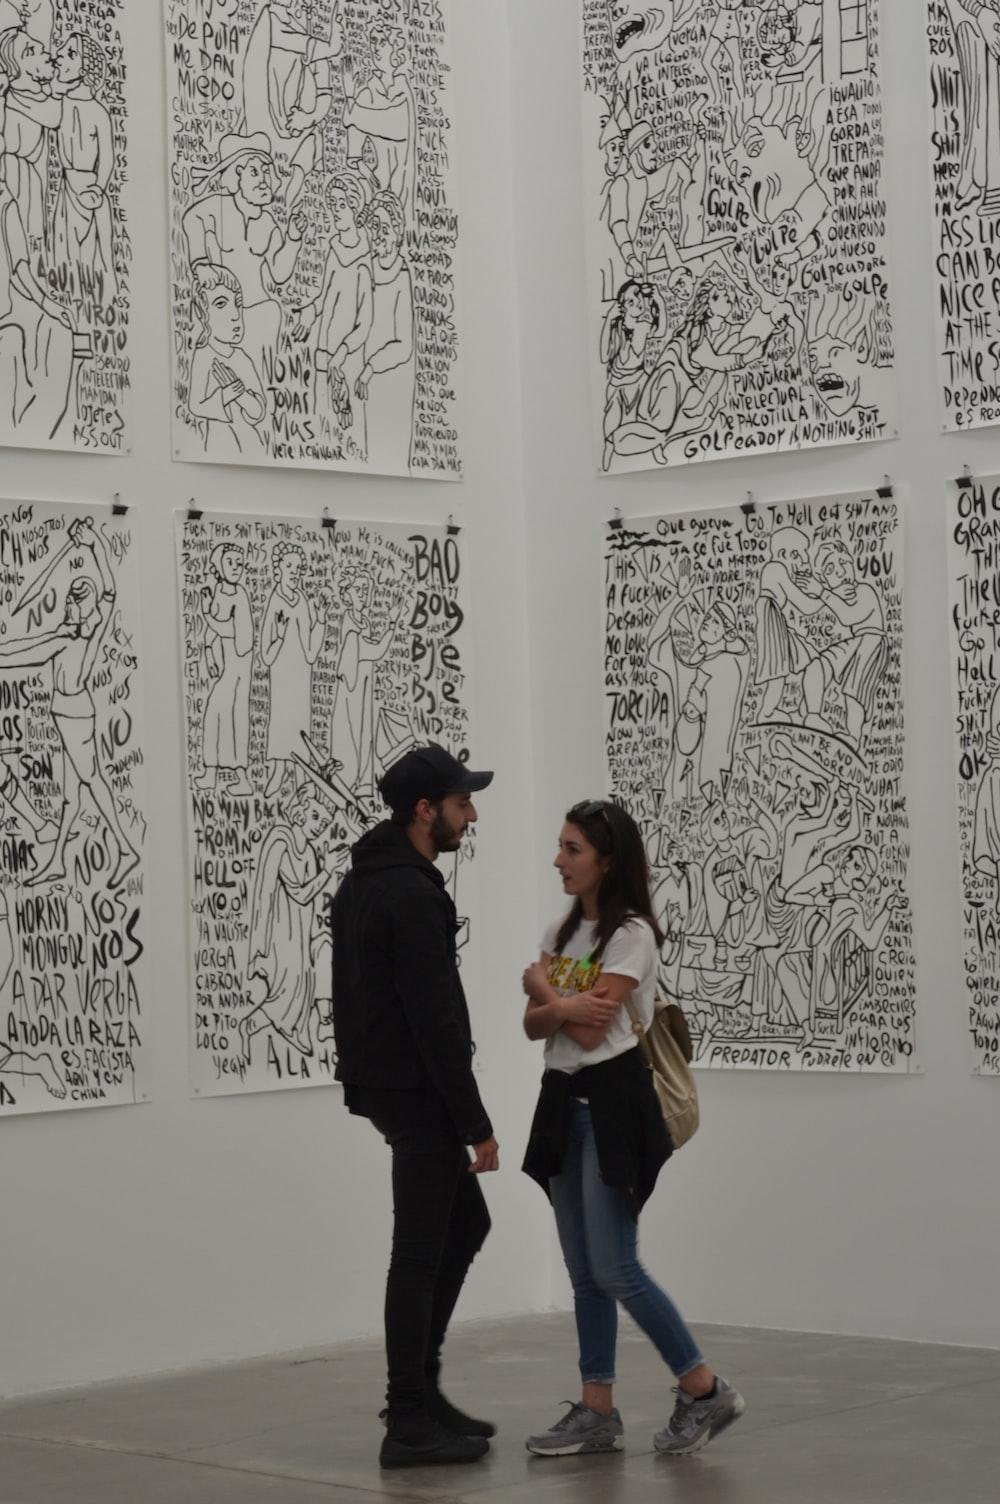 man wearing black cap talking to woman